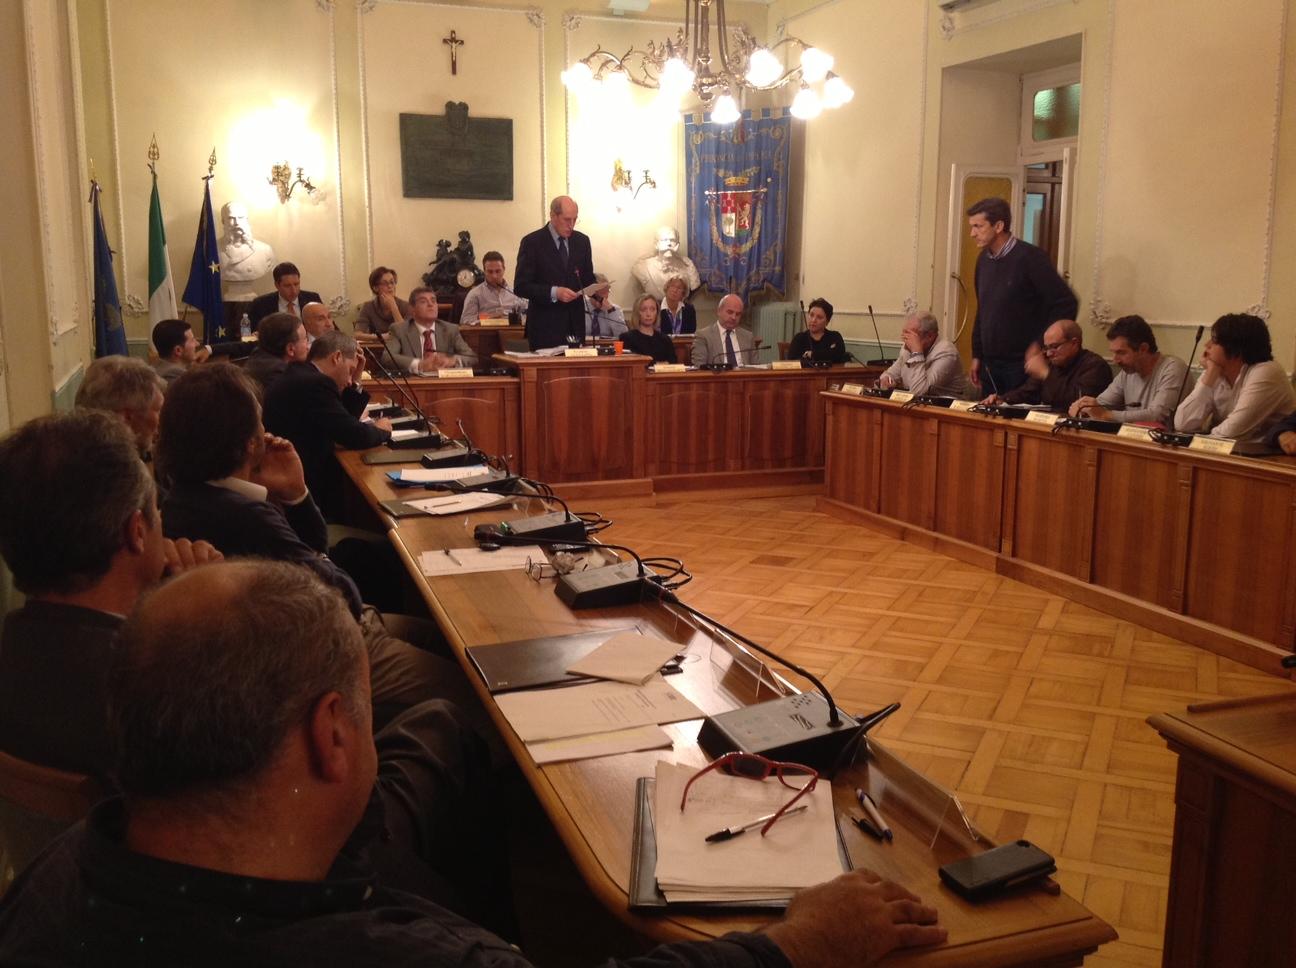 Luned 31 marzo si riunisce il consiglio provinciale all for Ordine del giorno camera dei deputati